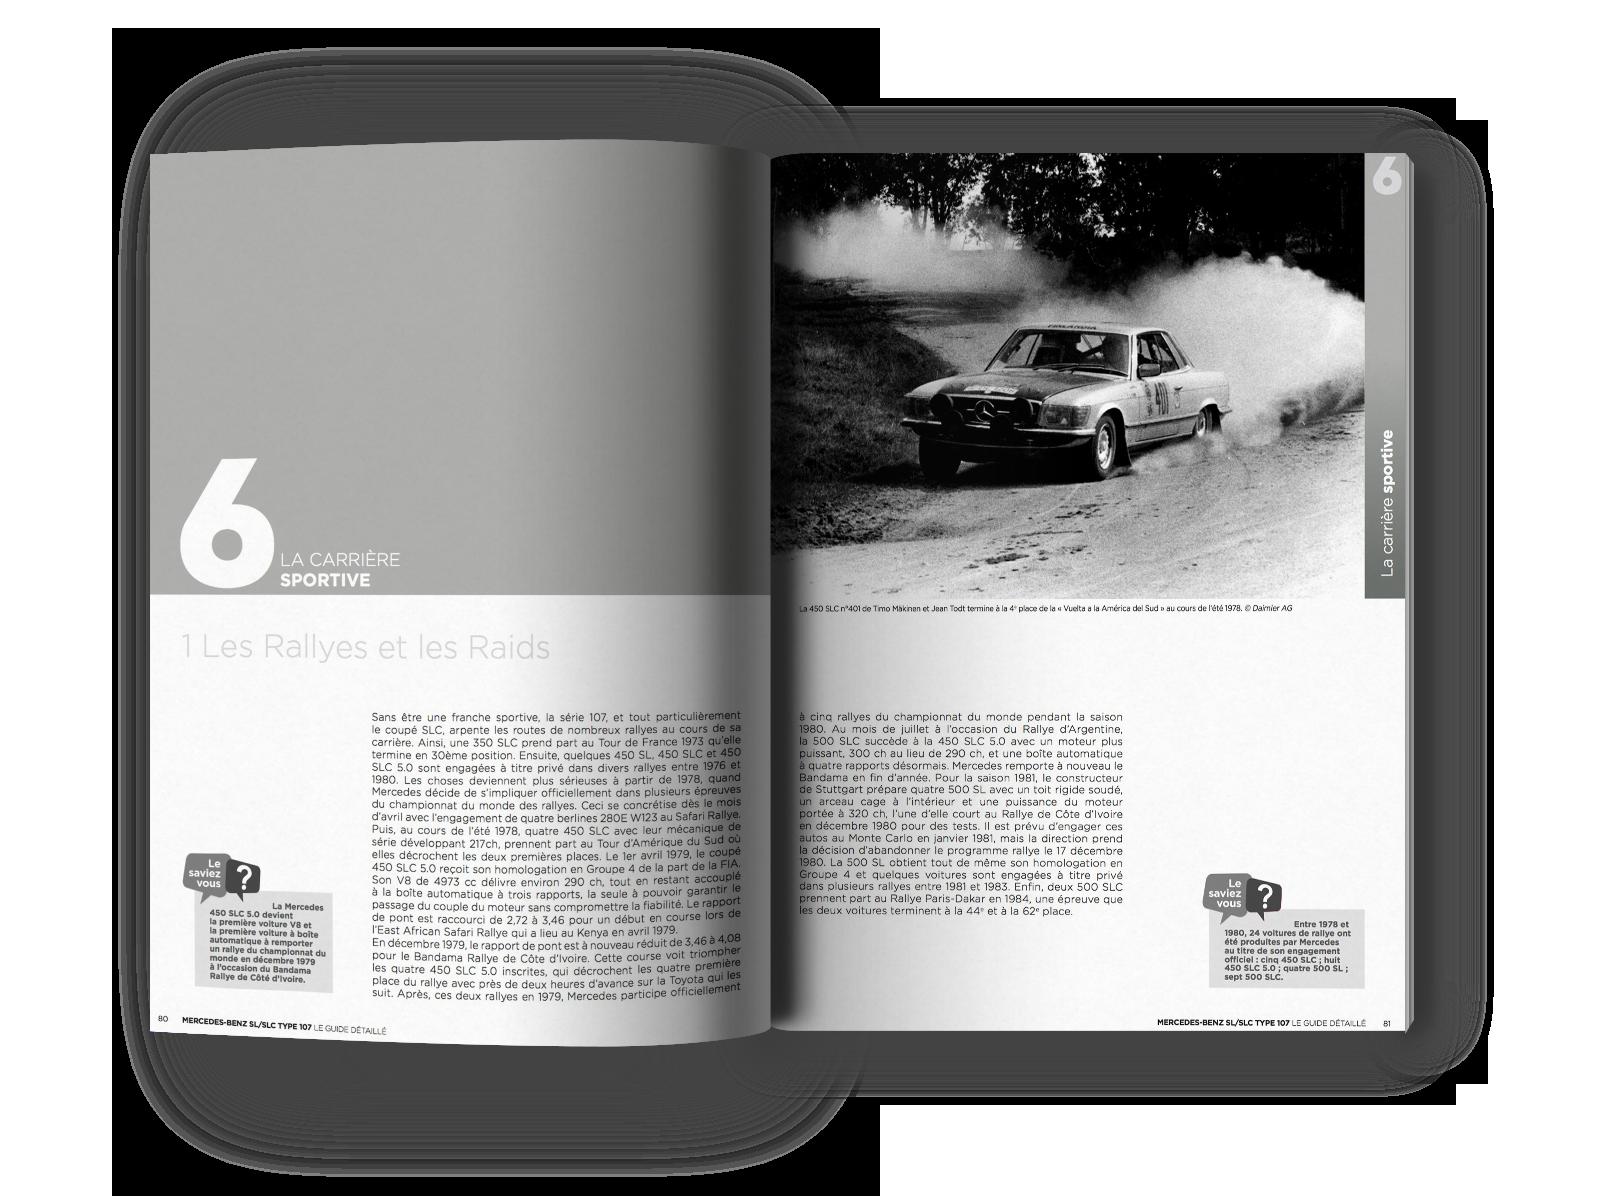 Extrait du Guide de la Mercedes SL / SLC type 107 chapitre 6